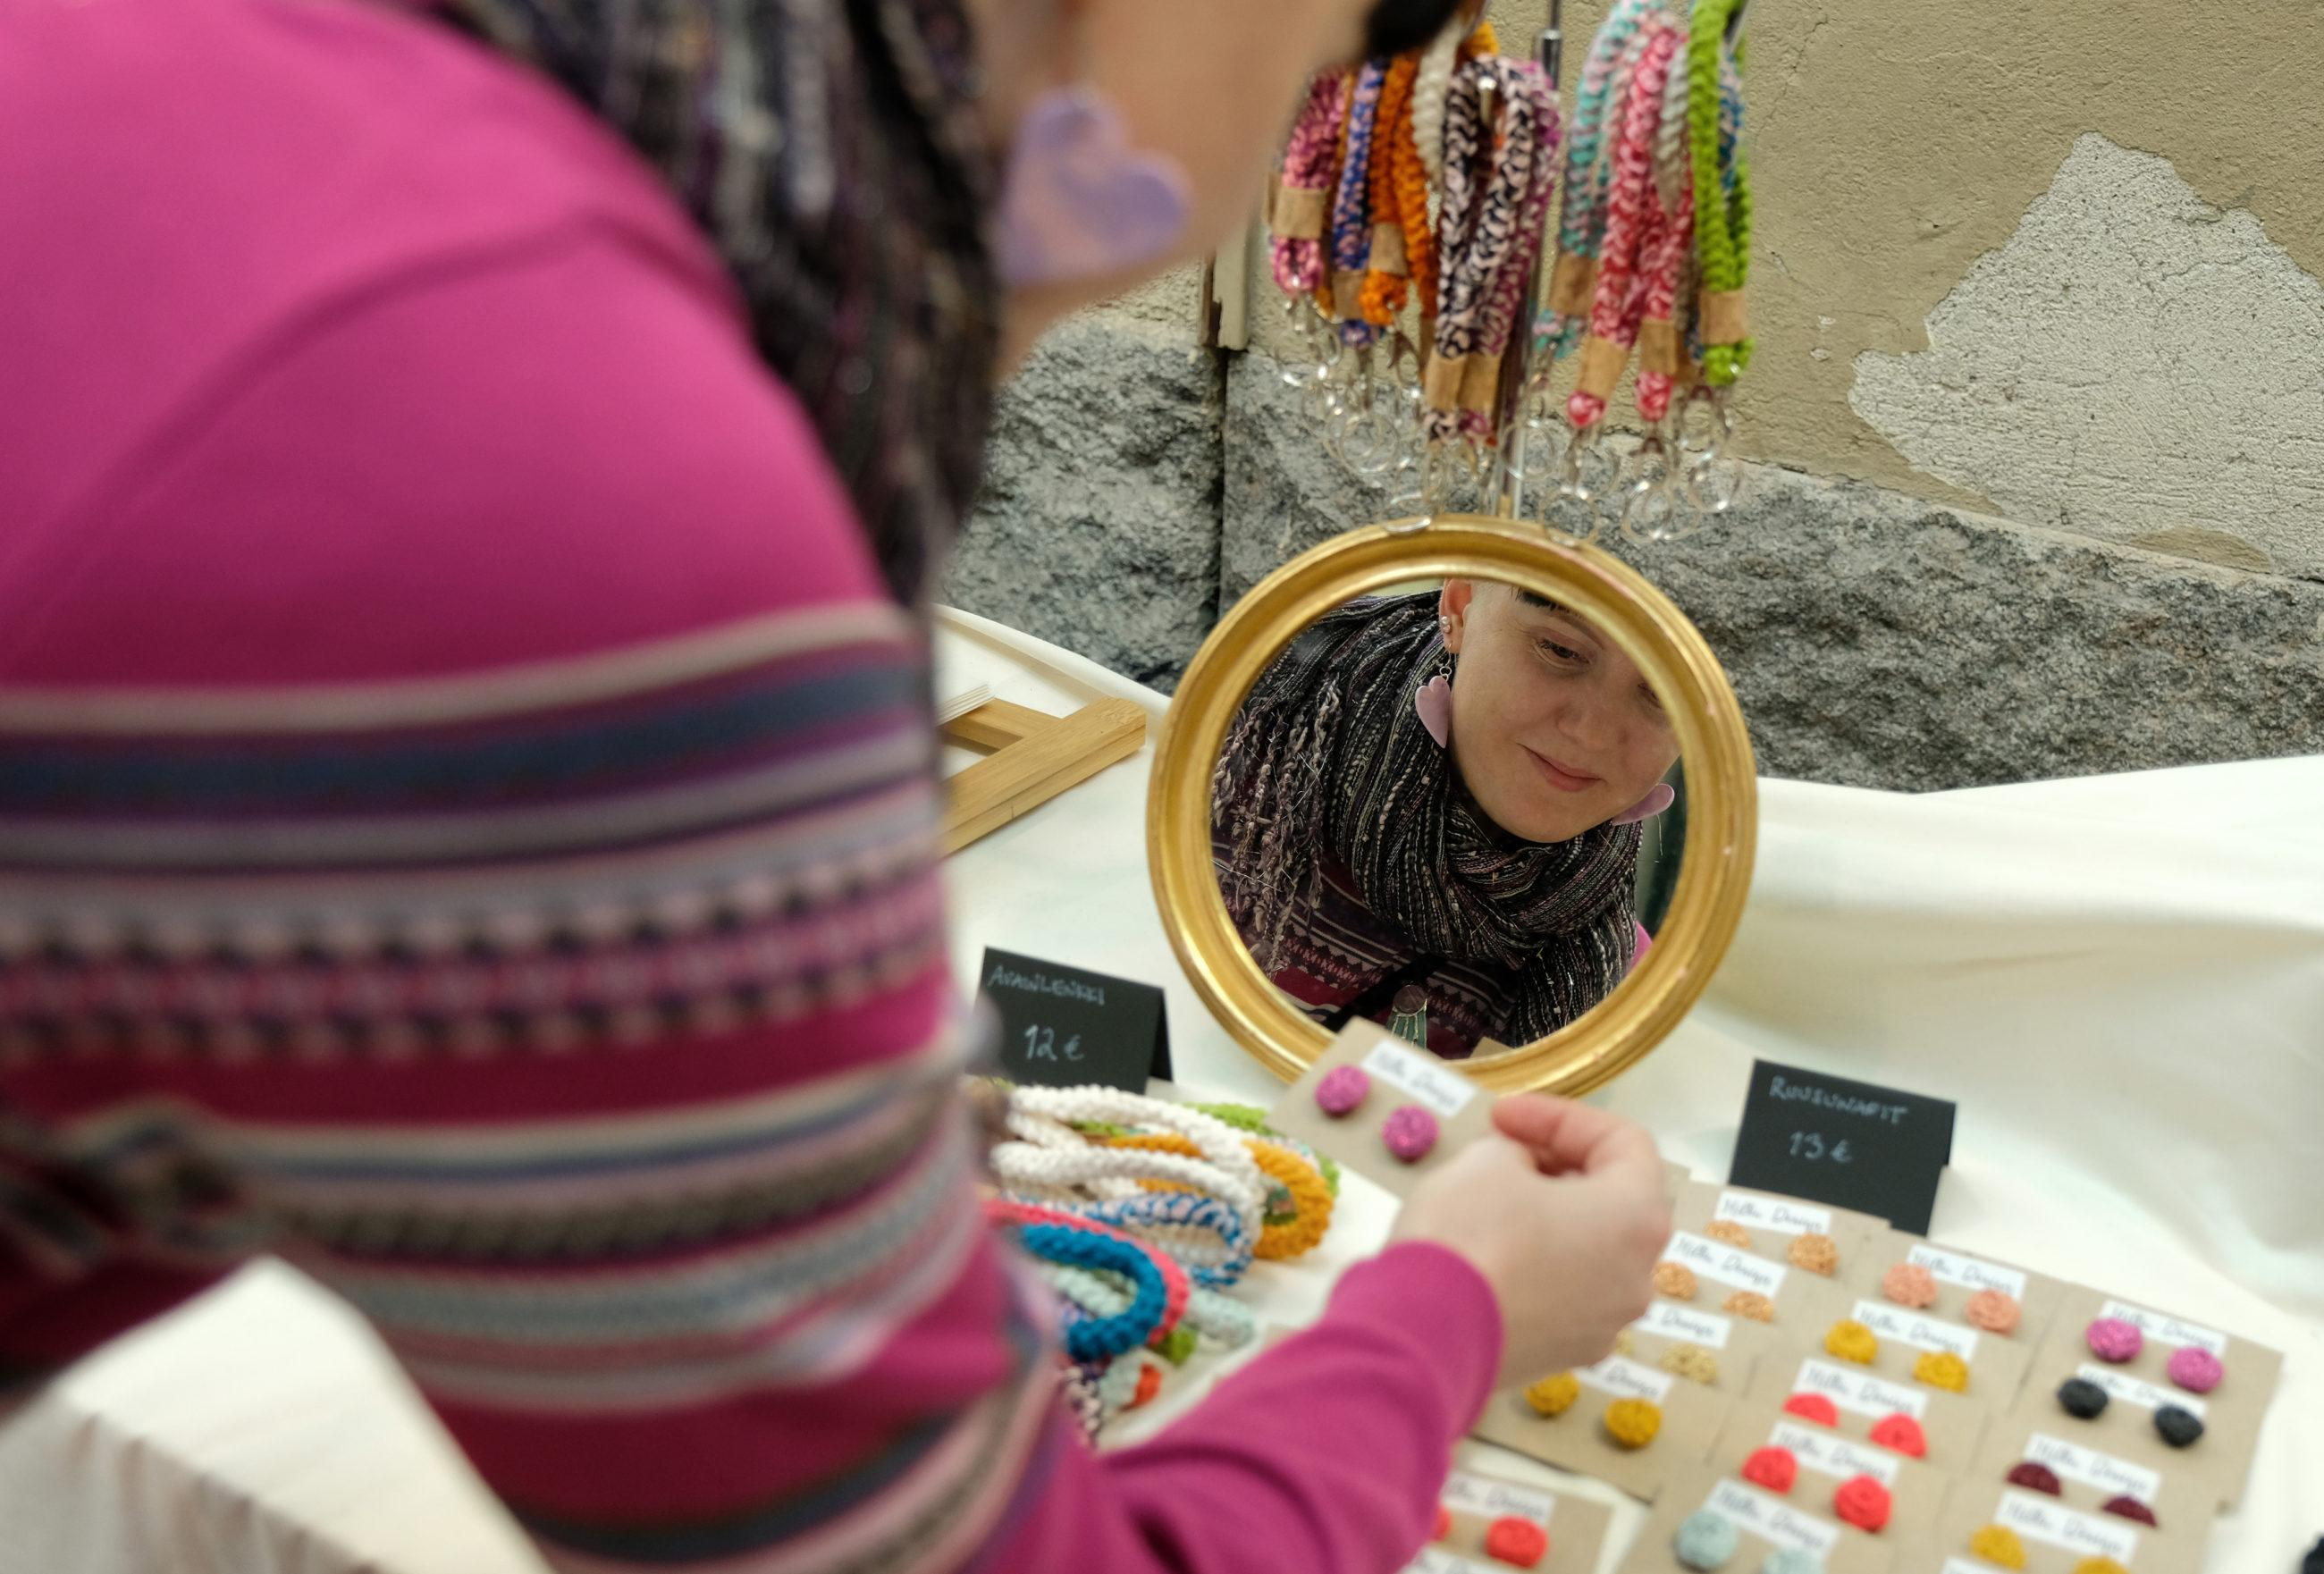 Kirjavaan paitaan pukeutunut henkilö asettelee pöydälle korvakoruja myyntiin, henkilön kasvot näkyvät pöydällä olevasta peilistä.